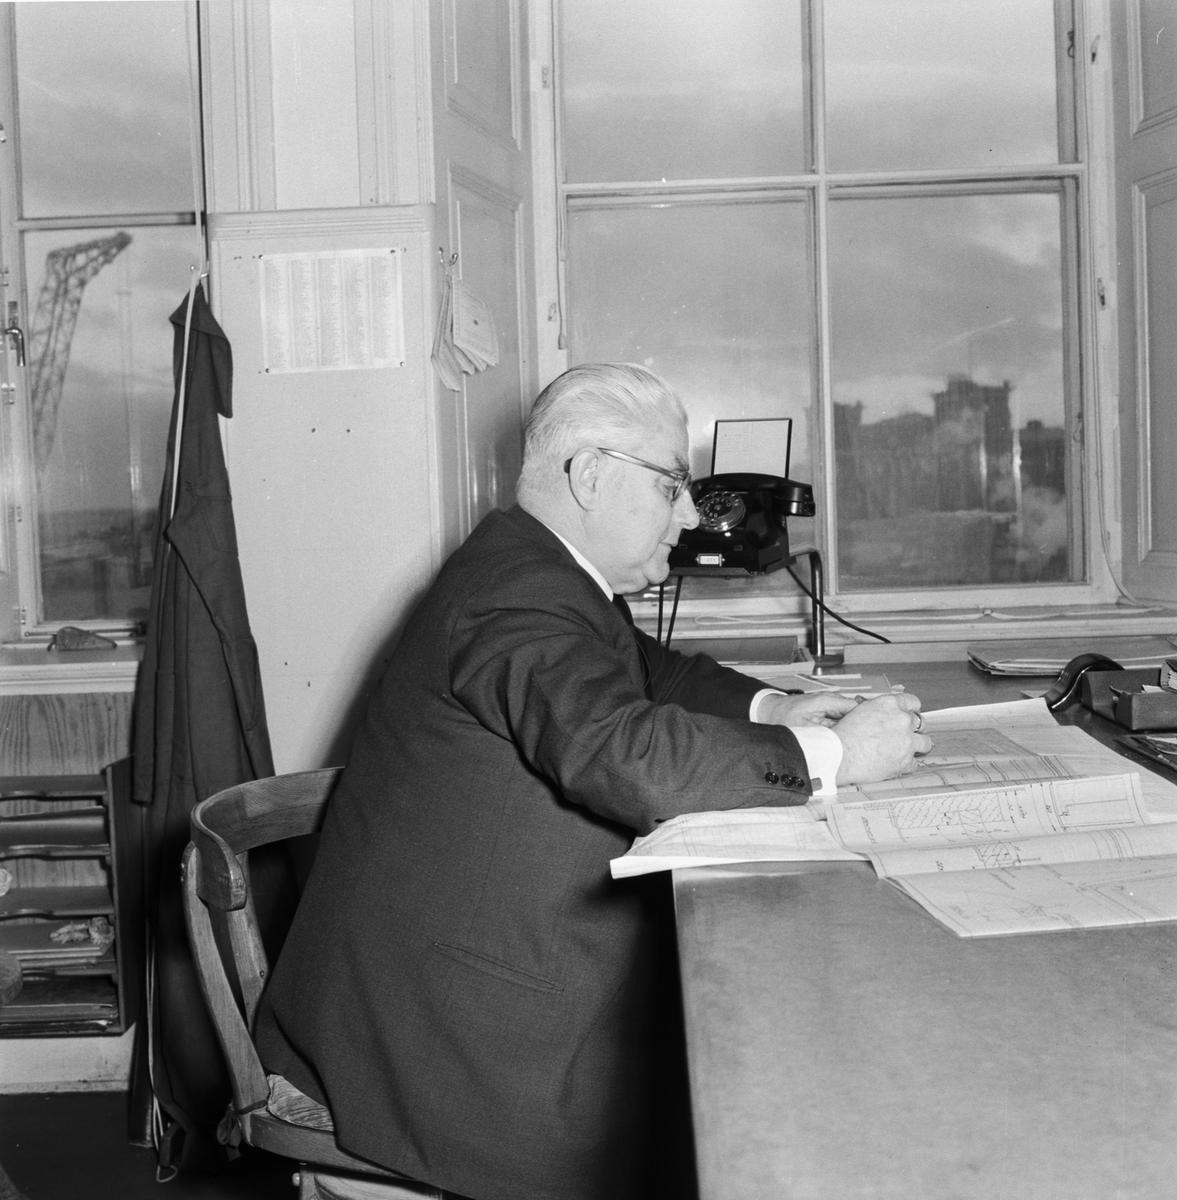 """Övrigt: Foto datum: 7/2 1957 Byggnader och kranar """"Varvet runt"""" pensionärer för personaltidningen. Närmast identisk bild: V13577, ej skannad"""